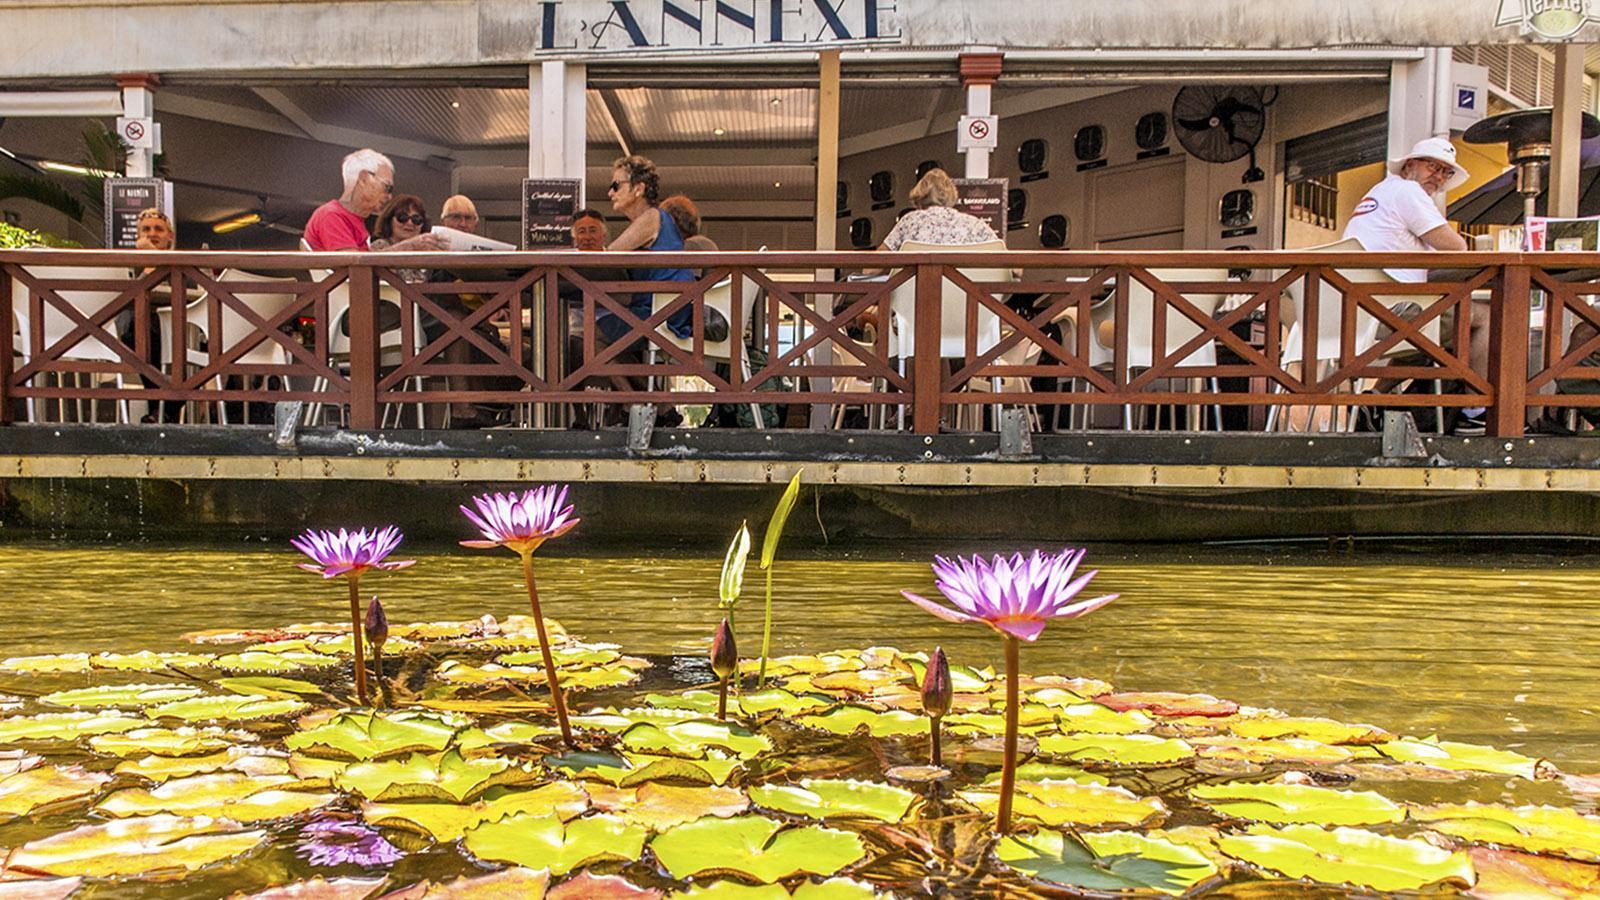 Nouméa: L'Annexe, ein charmantes Lokal am Place des Cocotiers. Foto: Hilke Maunder